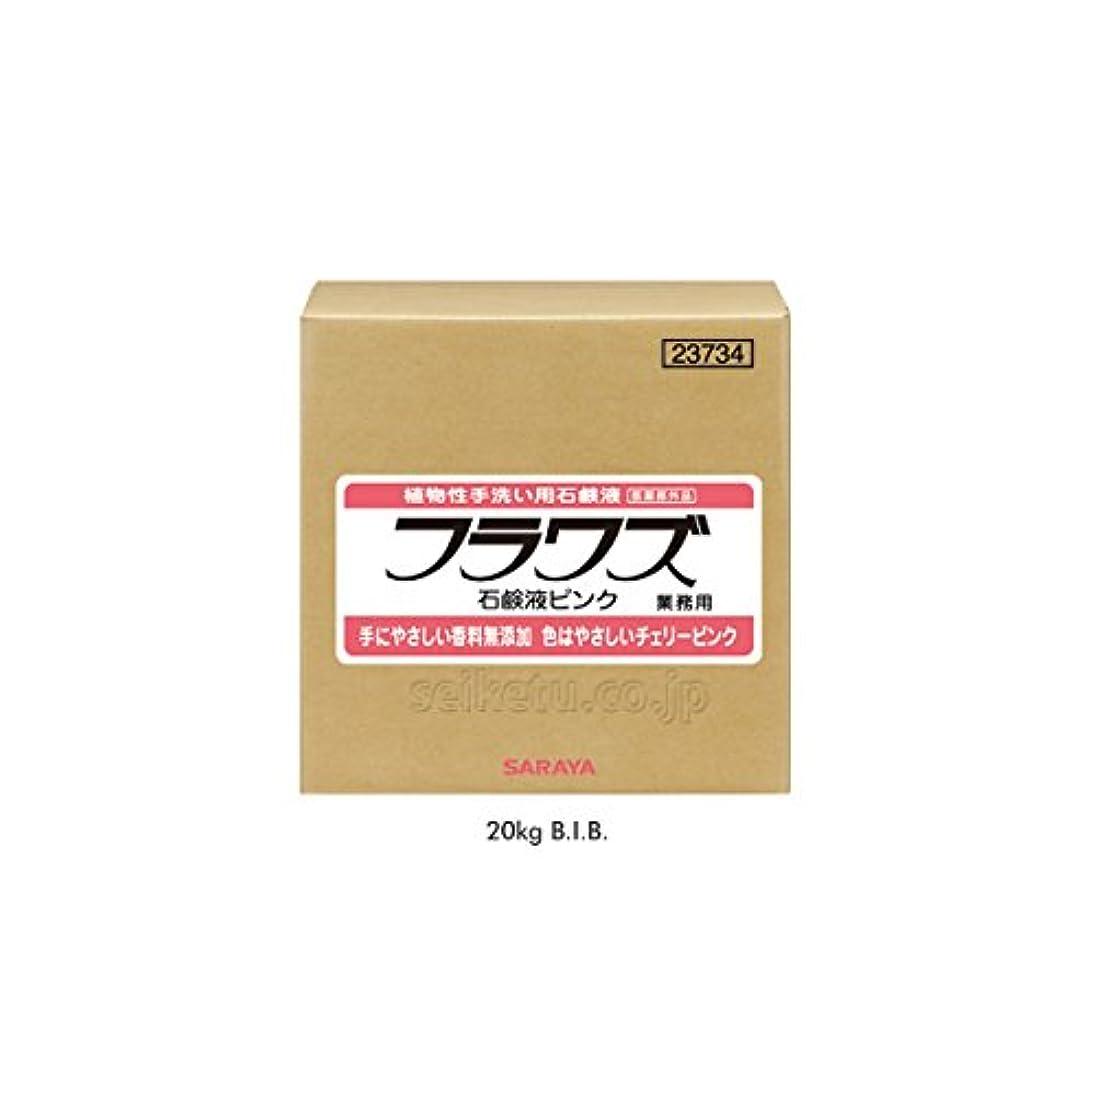 振幅政治家それから【清潔キレイ館】サラヤ フラワズ石鹸液ピンク(20kg)